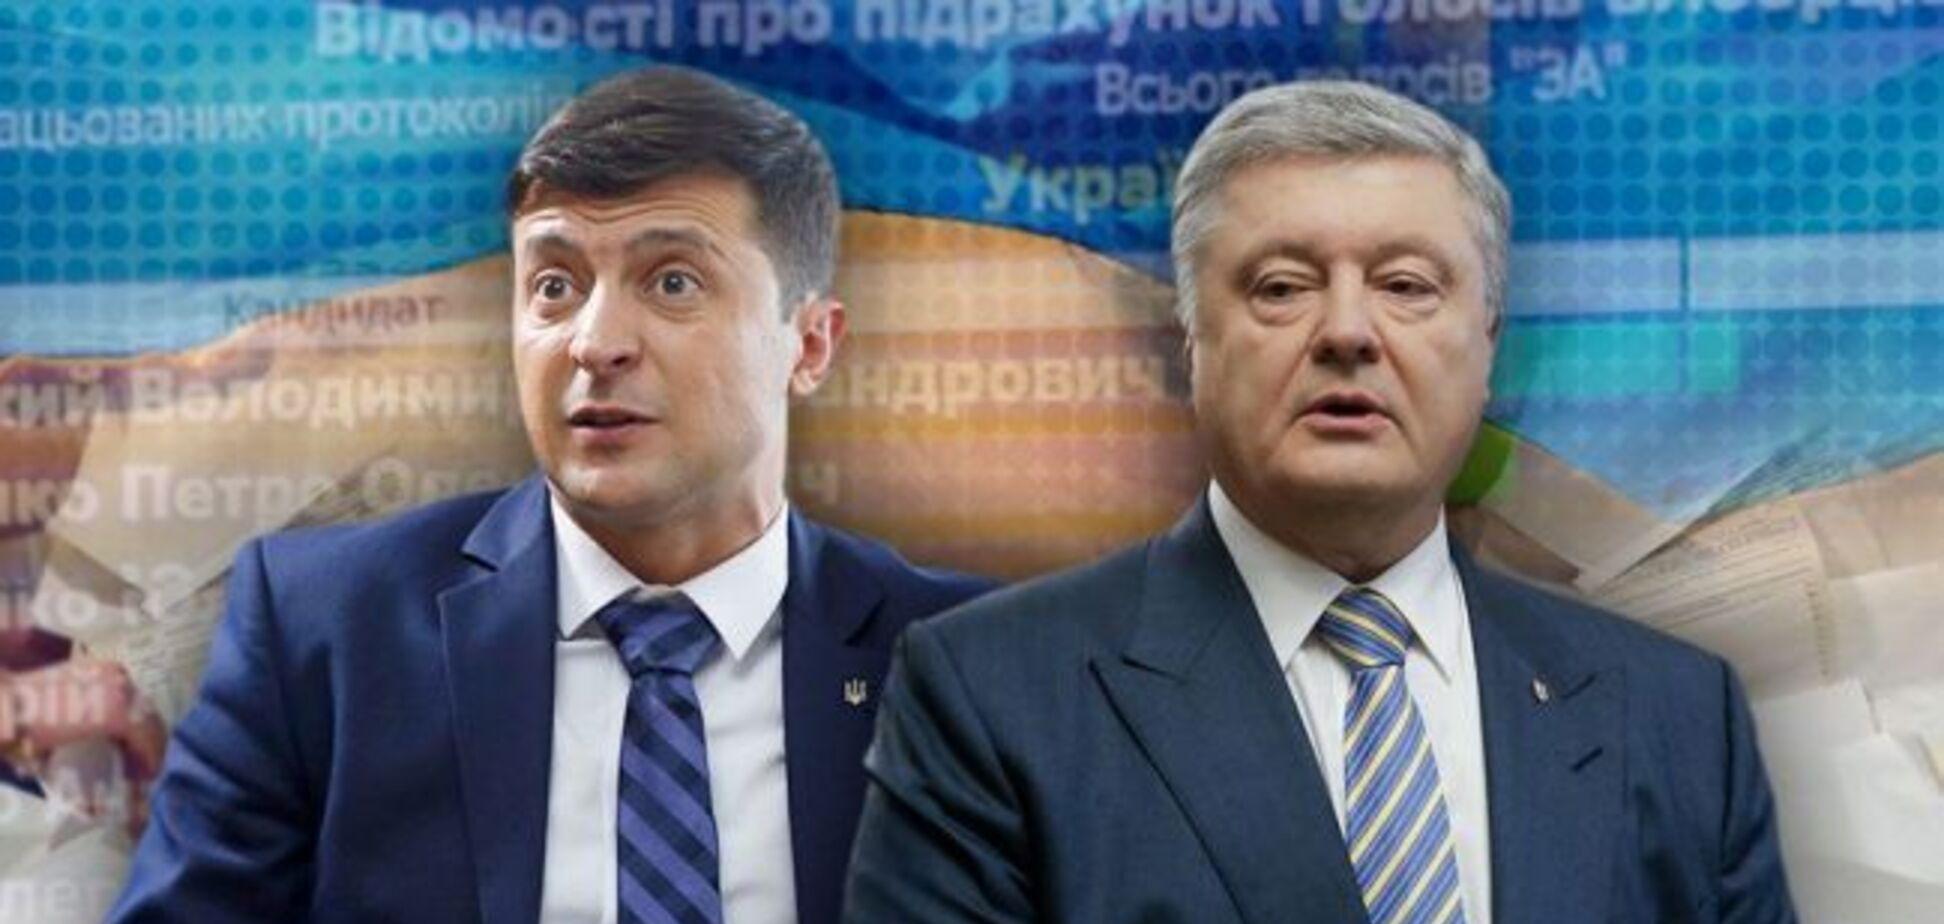 Зеленский опережает Порошенко более чем в два раза: свежий инсайд от социологов